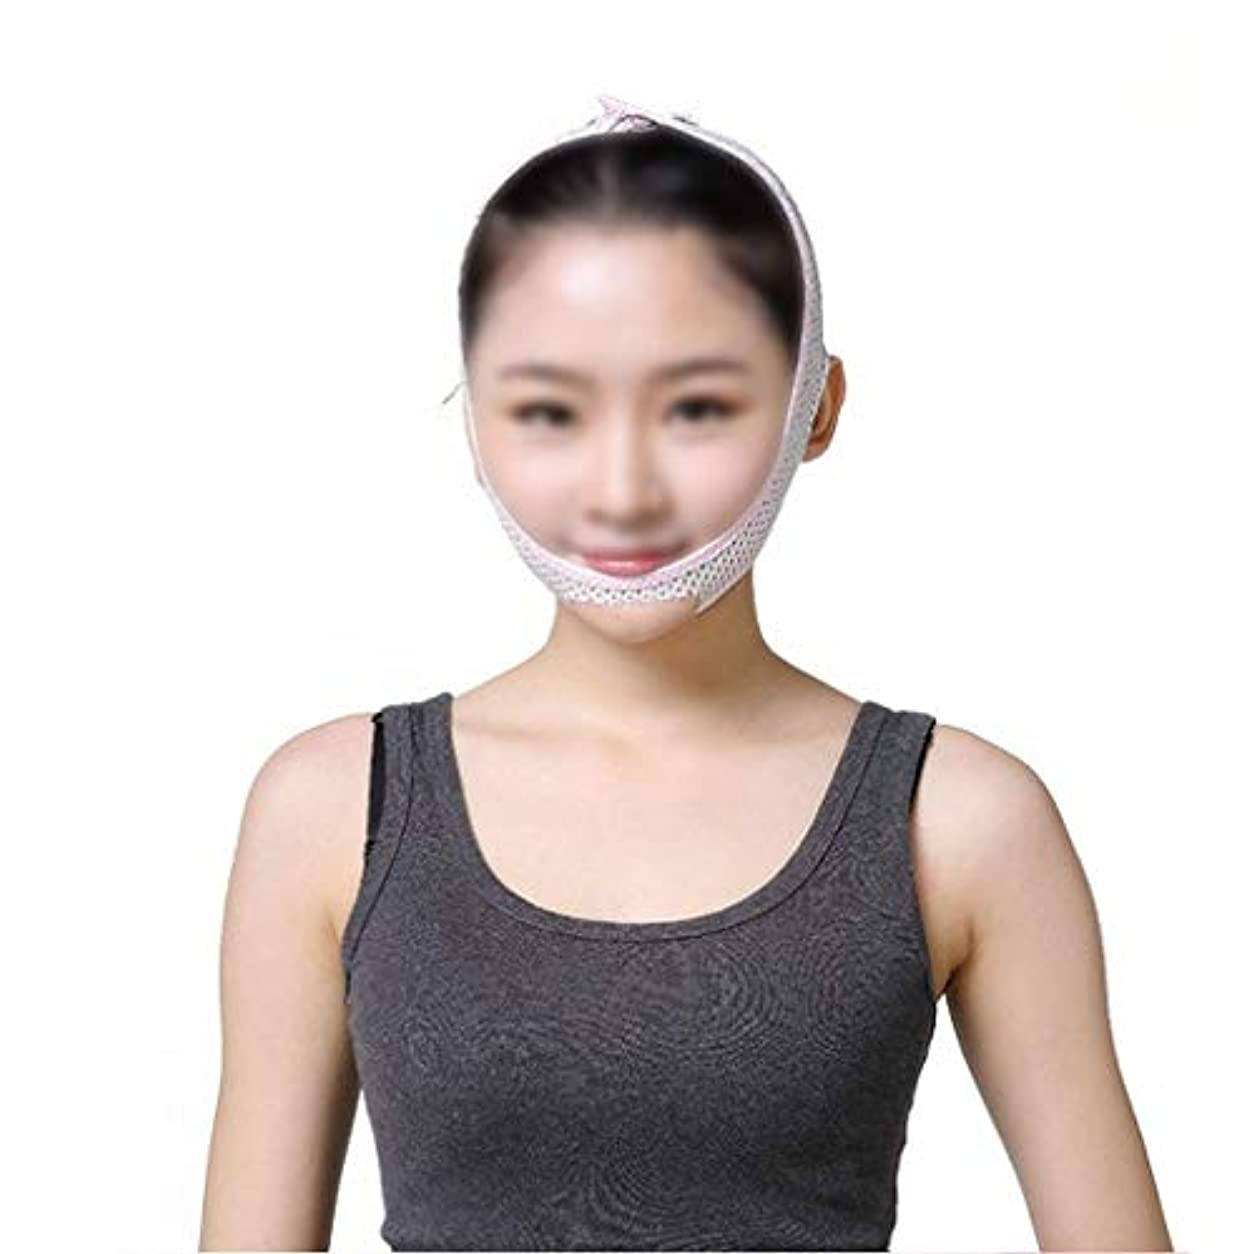 櫛スリットコロニーフェイスリフティングマスク、快適で リフティングスキンファーミングスリープシンフェイスアーティファクトアンチリンクル/リムーブダブルチン/術後回復マスク(サイズ:M)